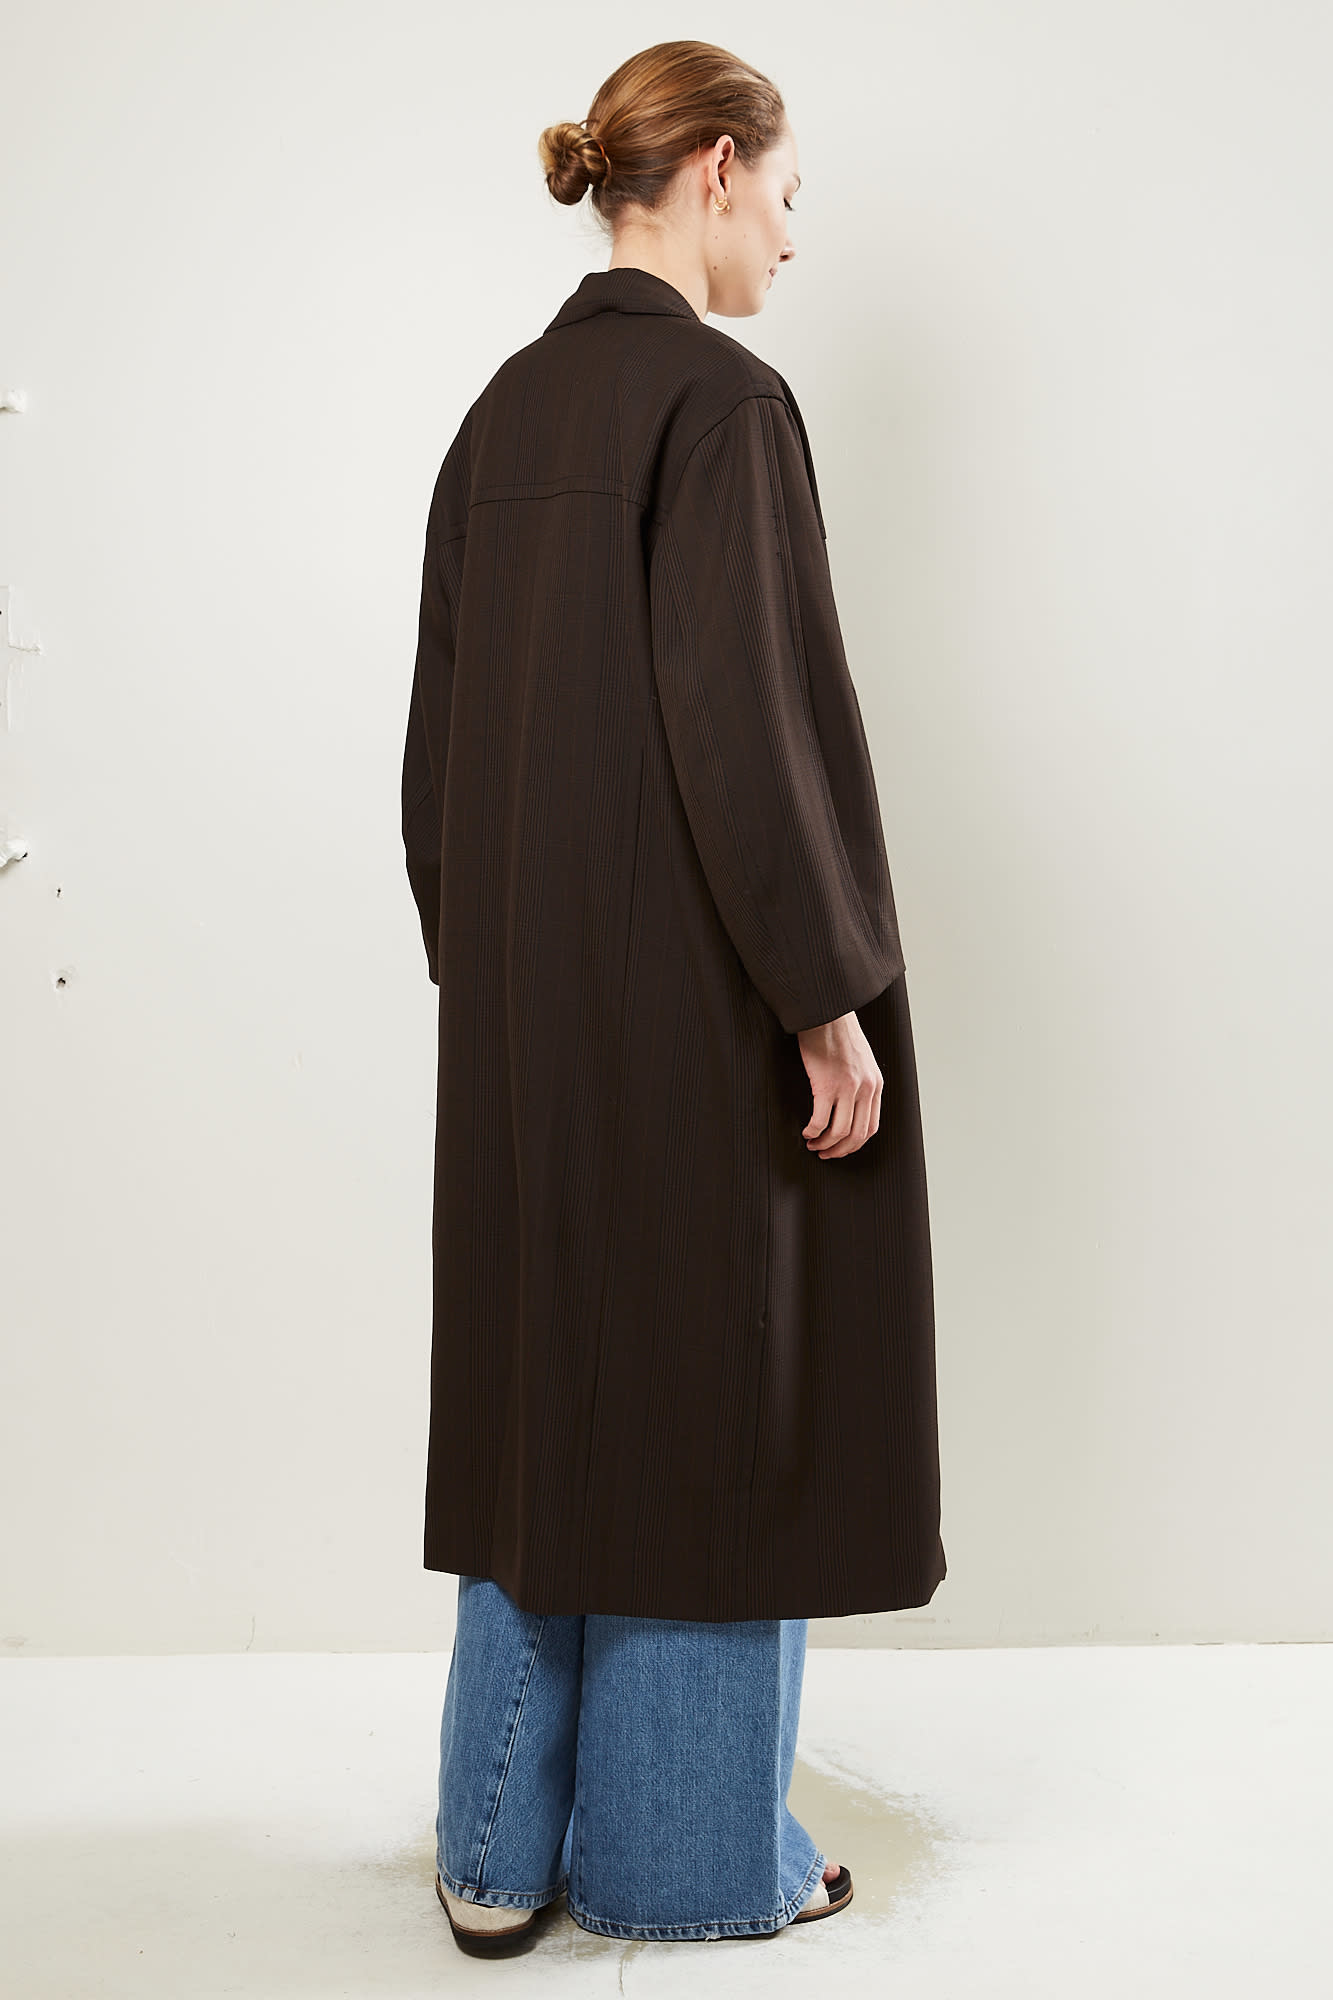 Ganni - Suiting coat